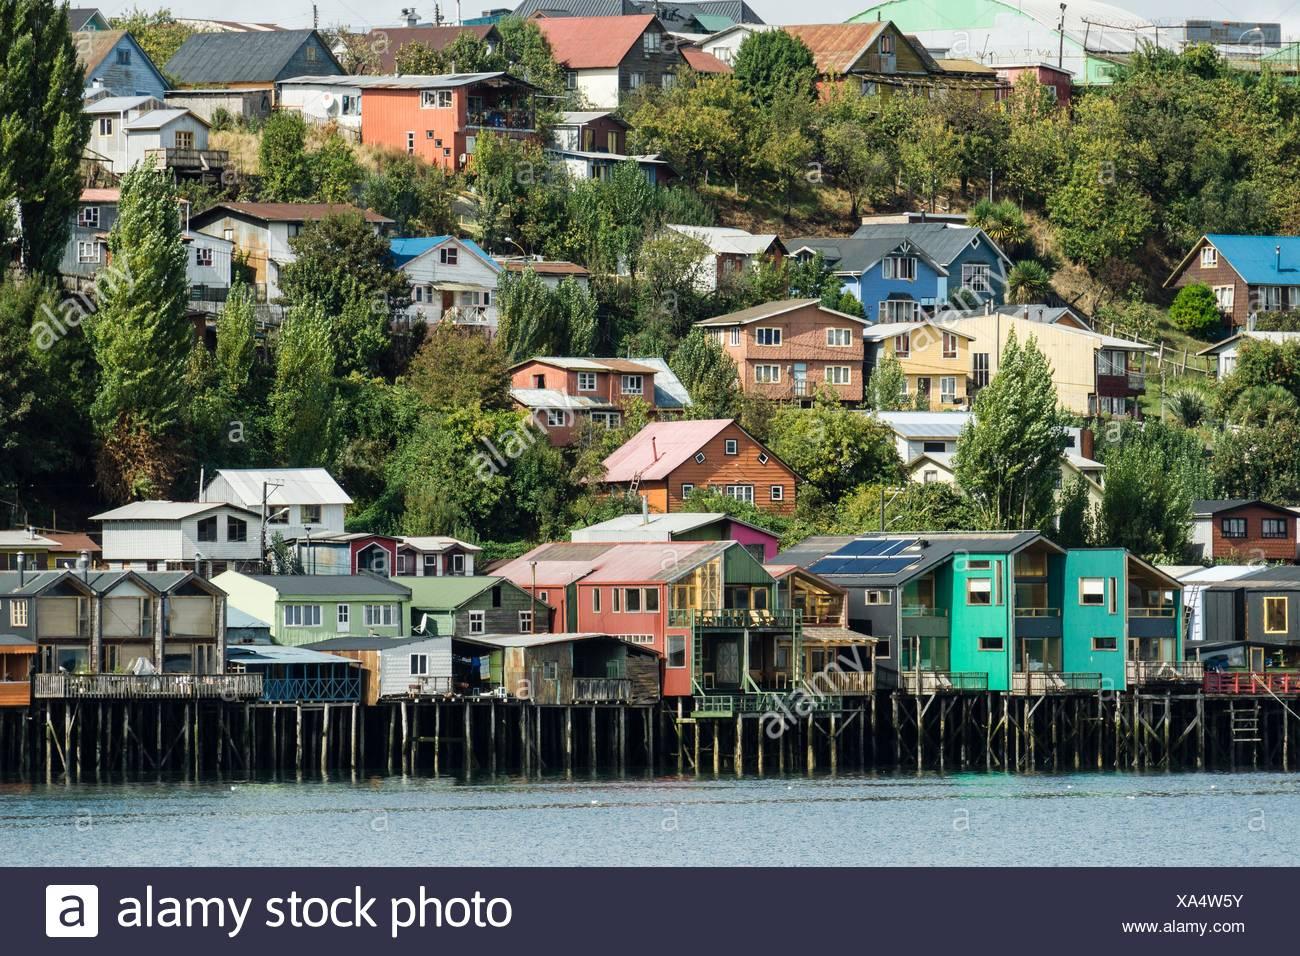 Palafitos, Castro, Archipiélago de Chiloé, Provincia de Chiloé, Región de los Lagos, Patagonien, república de Chile, américa del Sur. Stockfoto